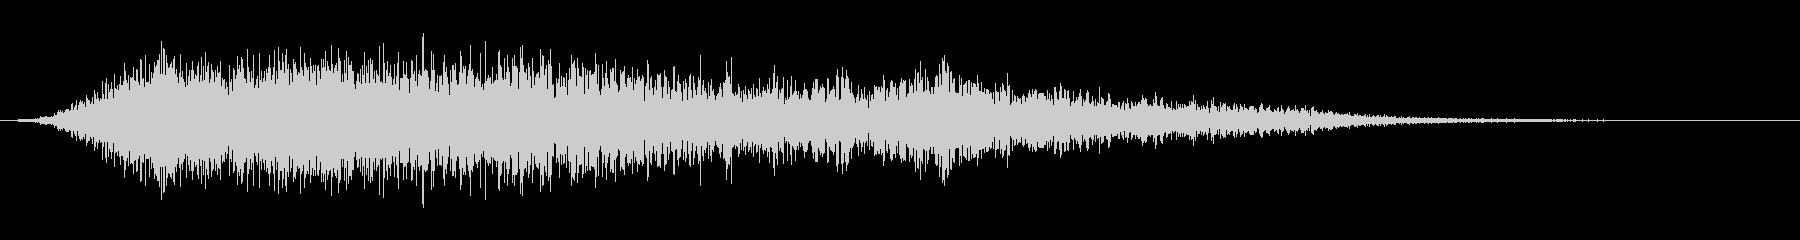 ローラスピーフェイズドフーシャ4の未再生の波形